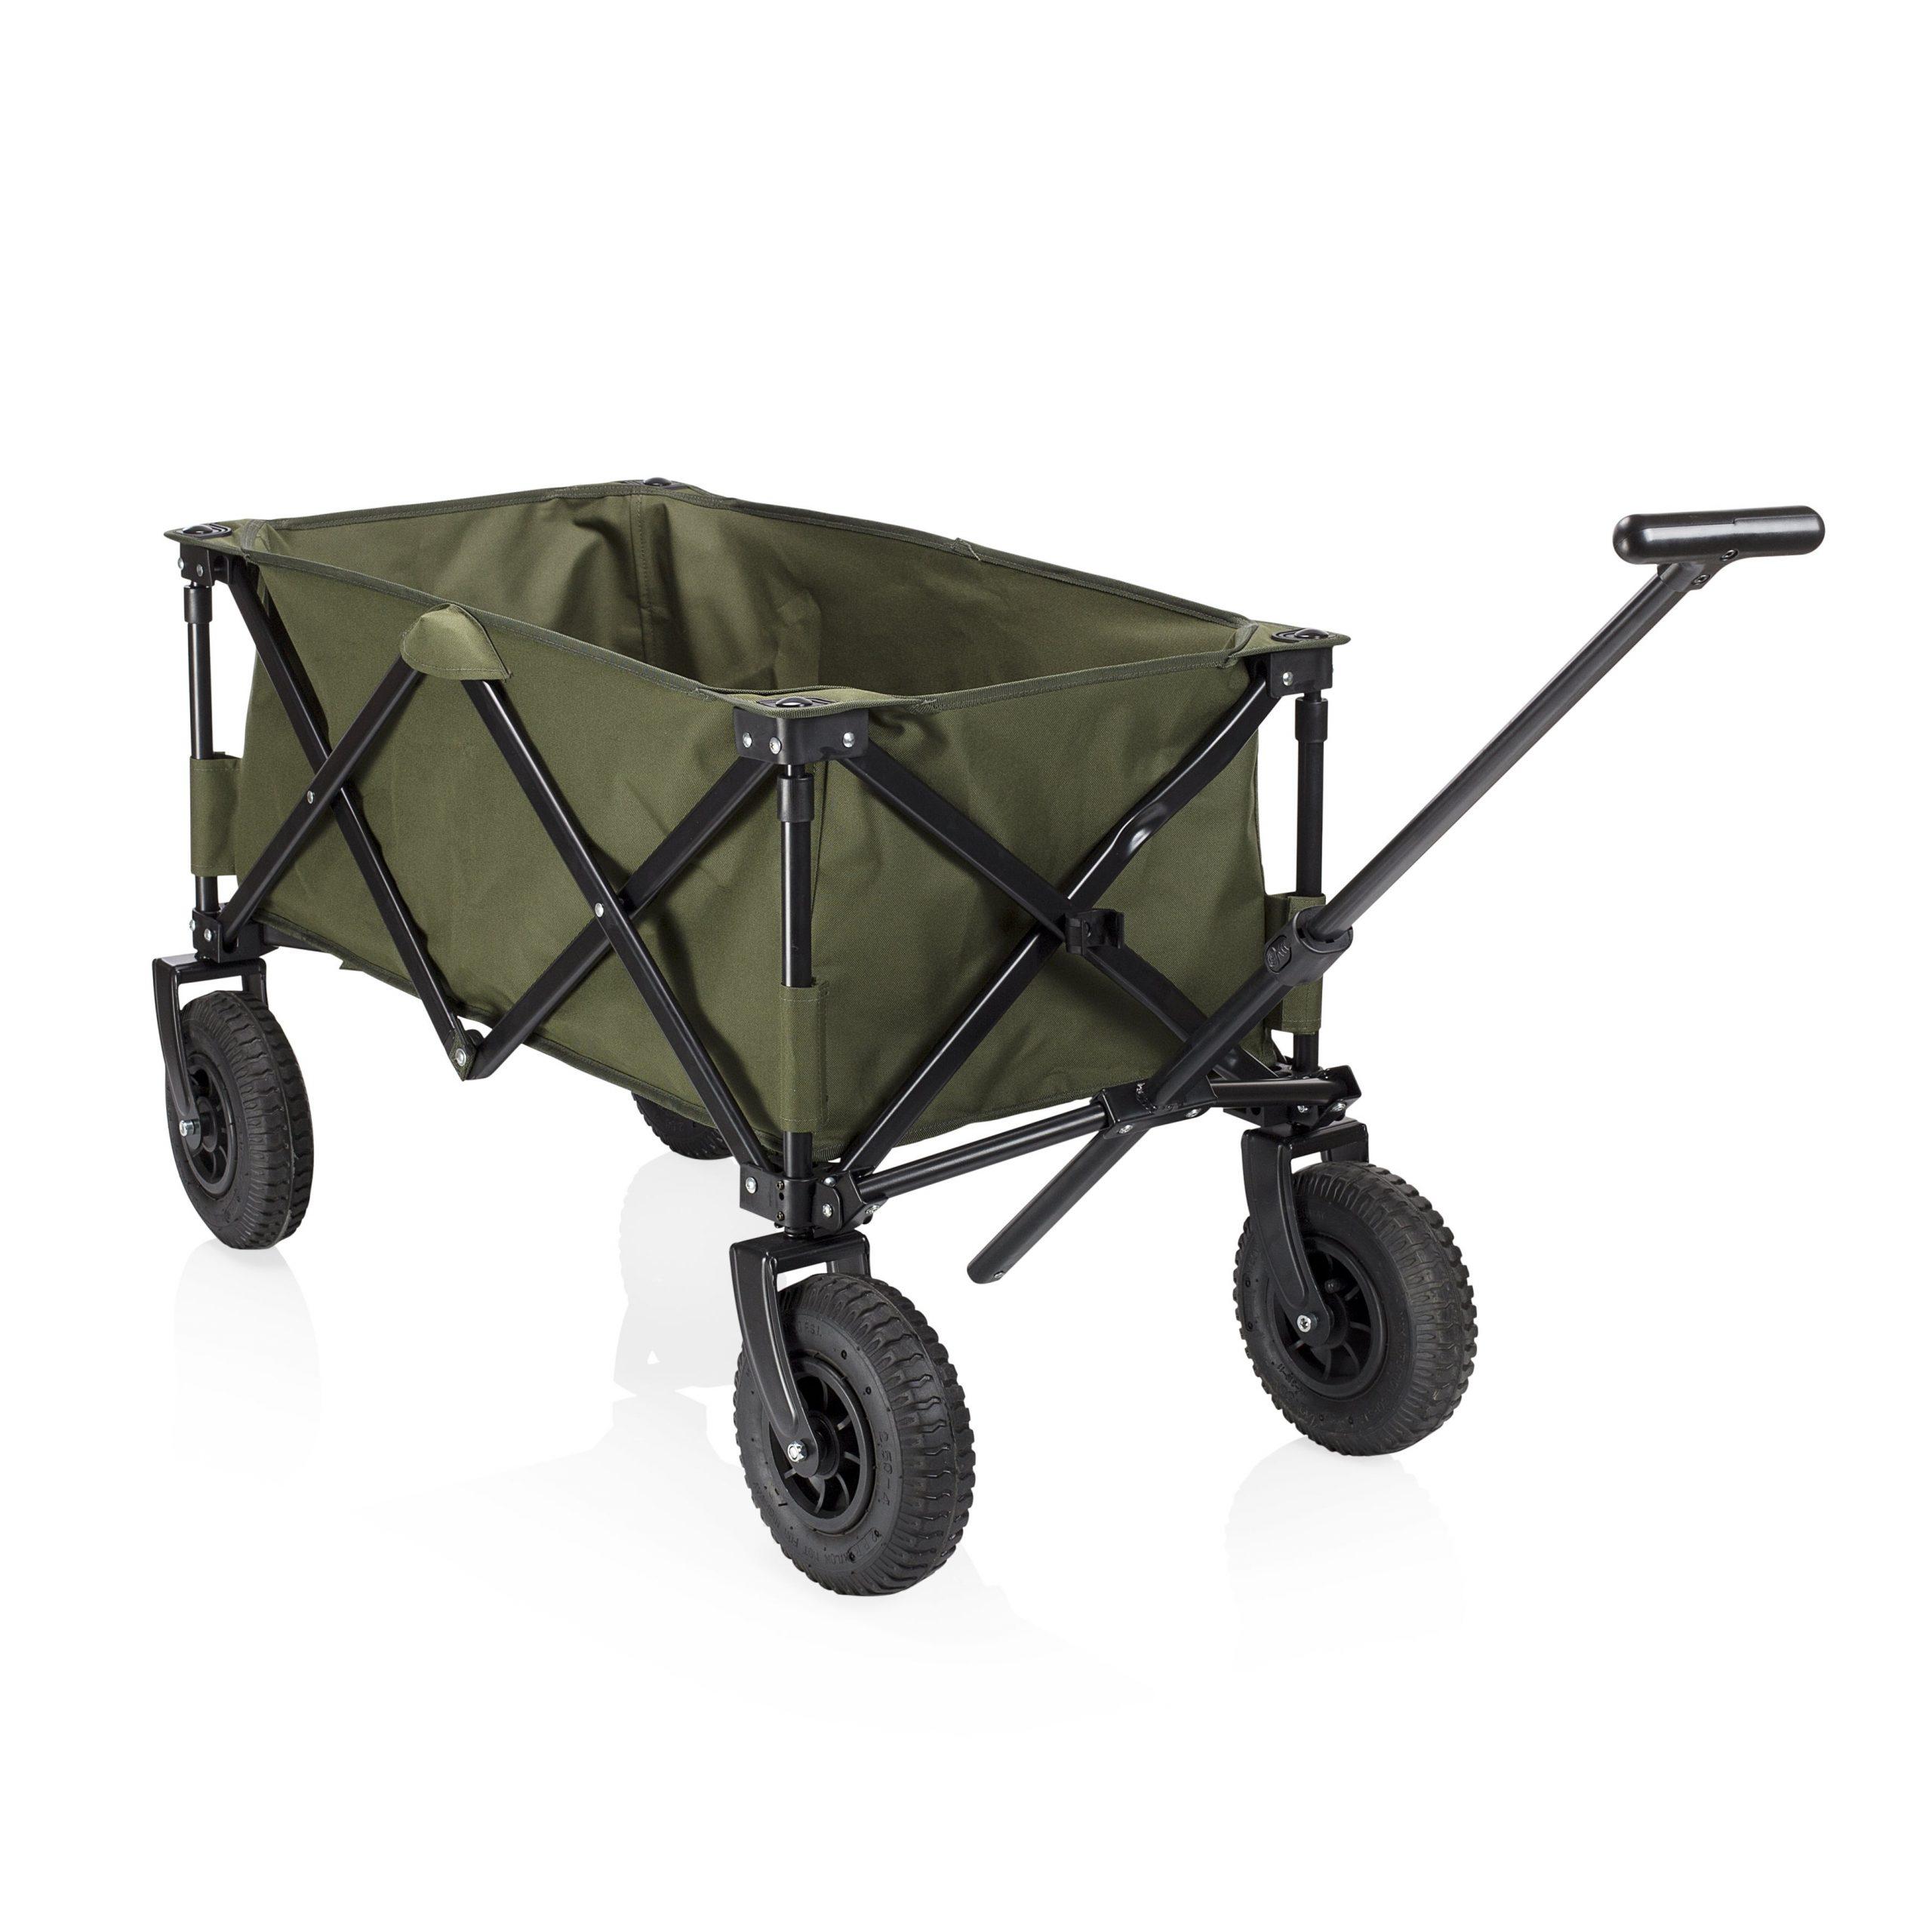 Chariot 4 Roues Campart, 100 L, 70 Kg tout Chariot De Jardin Leroy Merlin